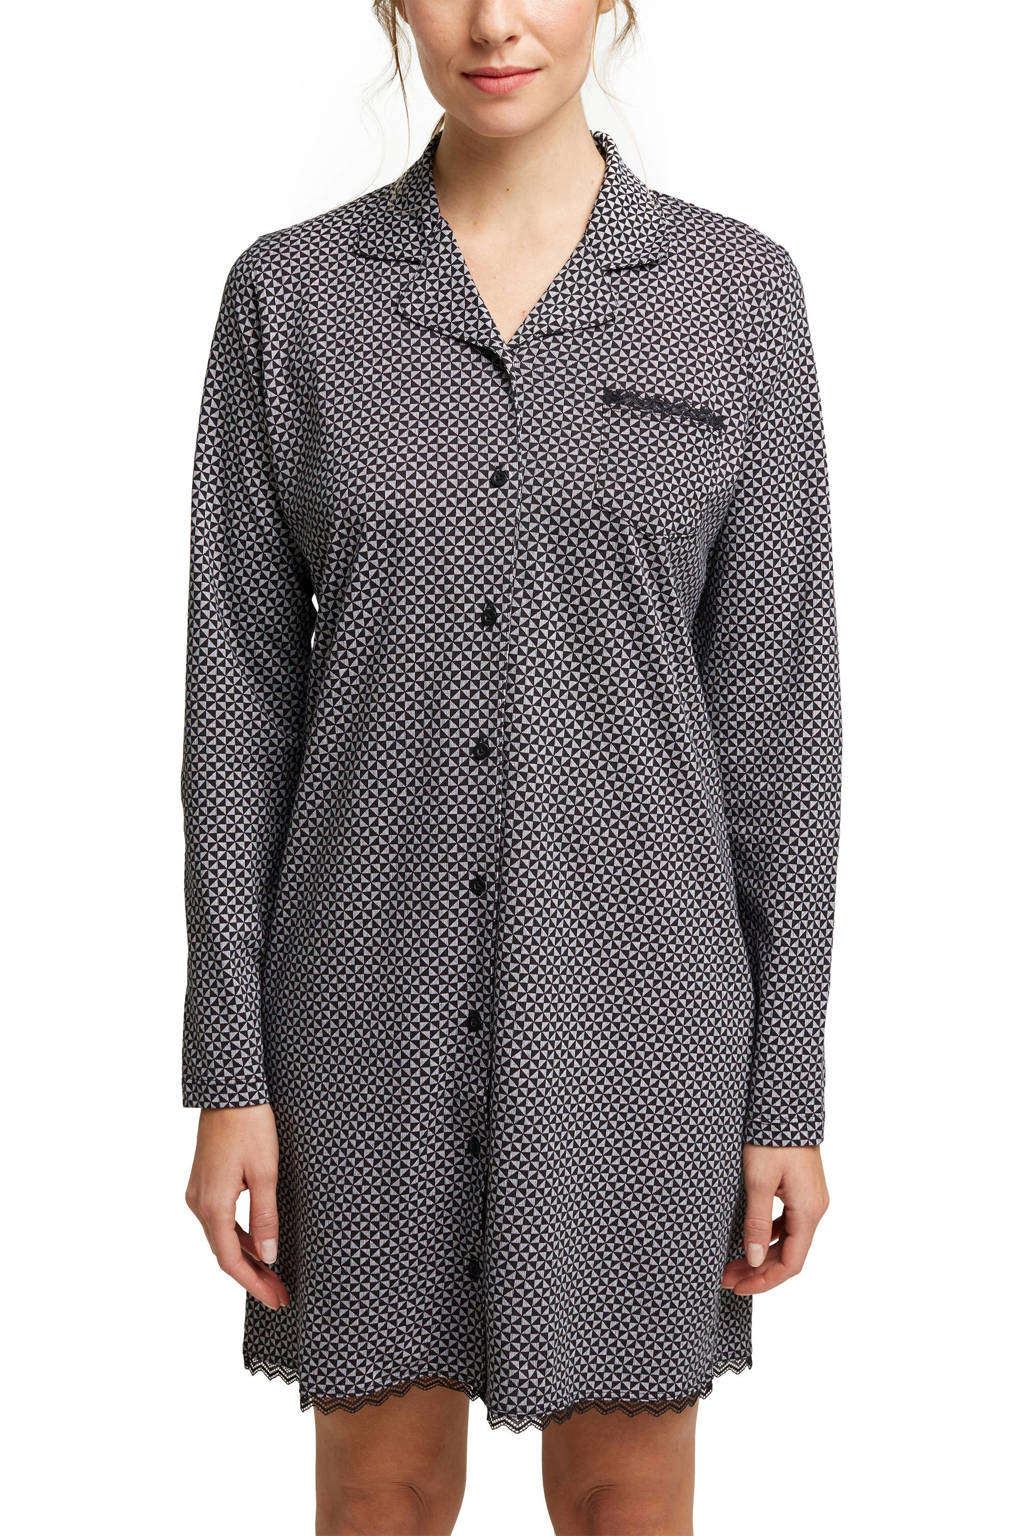 ESPRIT Women Bodywear nachthemd met all over print zwart/wit, Zwart/wit